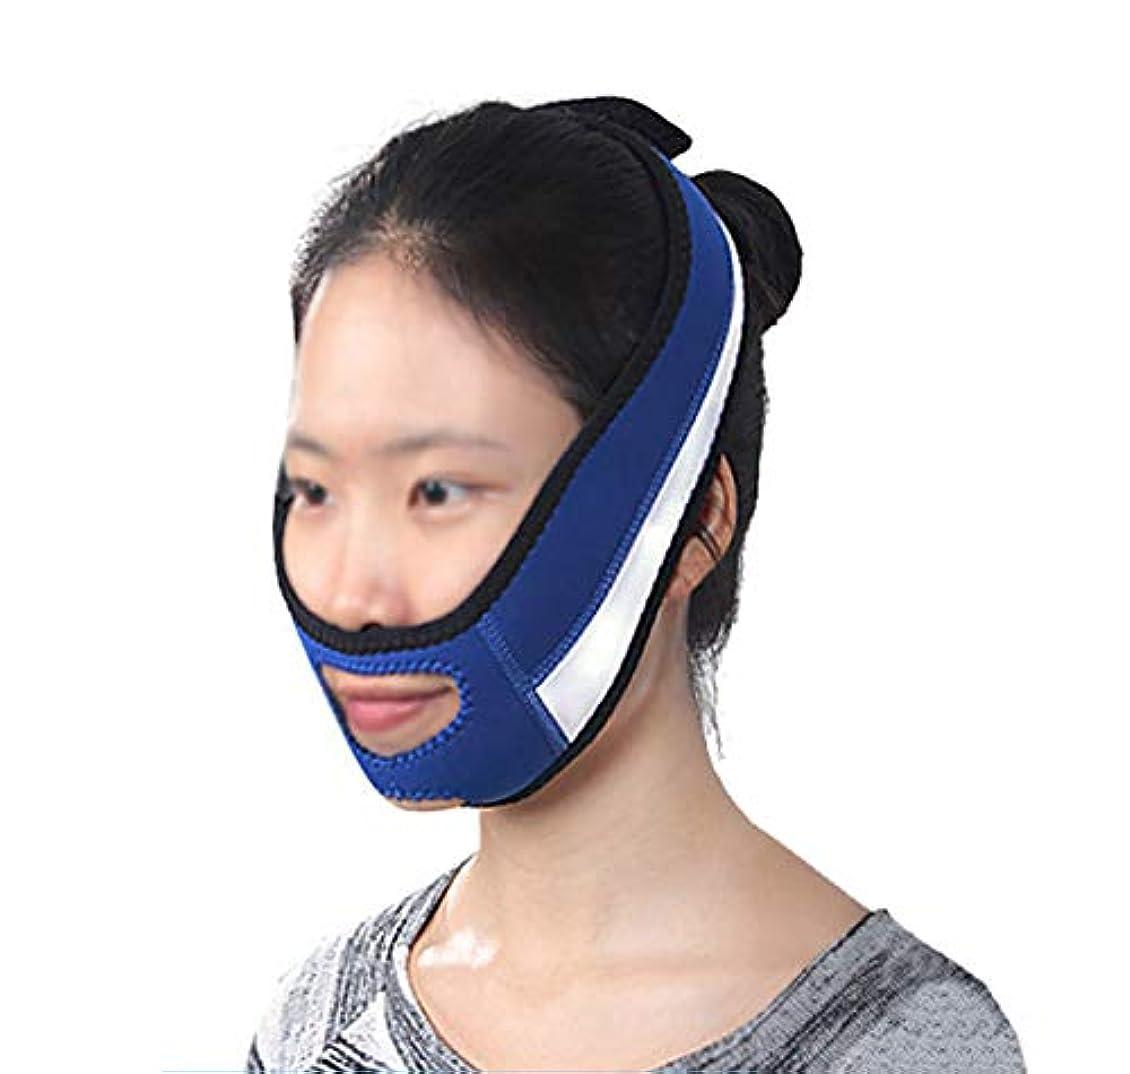 編集するうまマルクス主義LJK 薄い顔包帯フェイススリムは、二重あごを取り除くVラインの顔の形を作りますチンチークリフトアップアンチリンクルリフティングベルトフェイスマッサージツール用女性と女の子